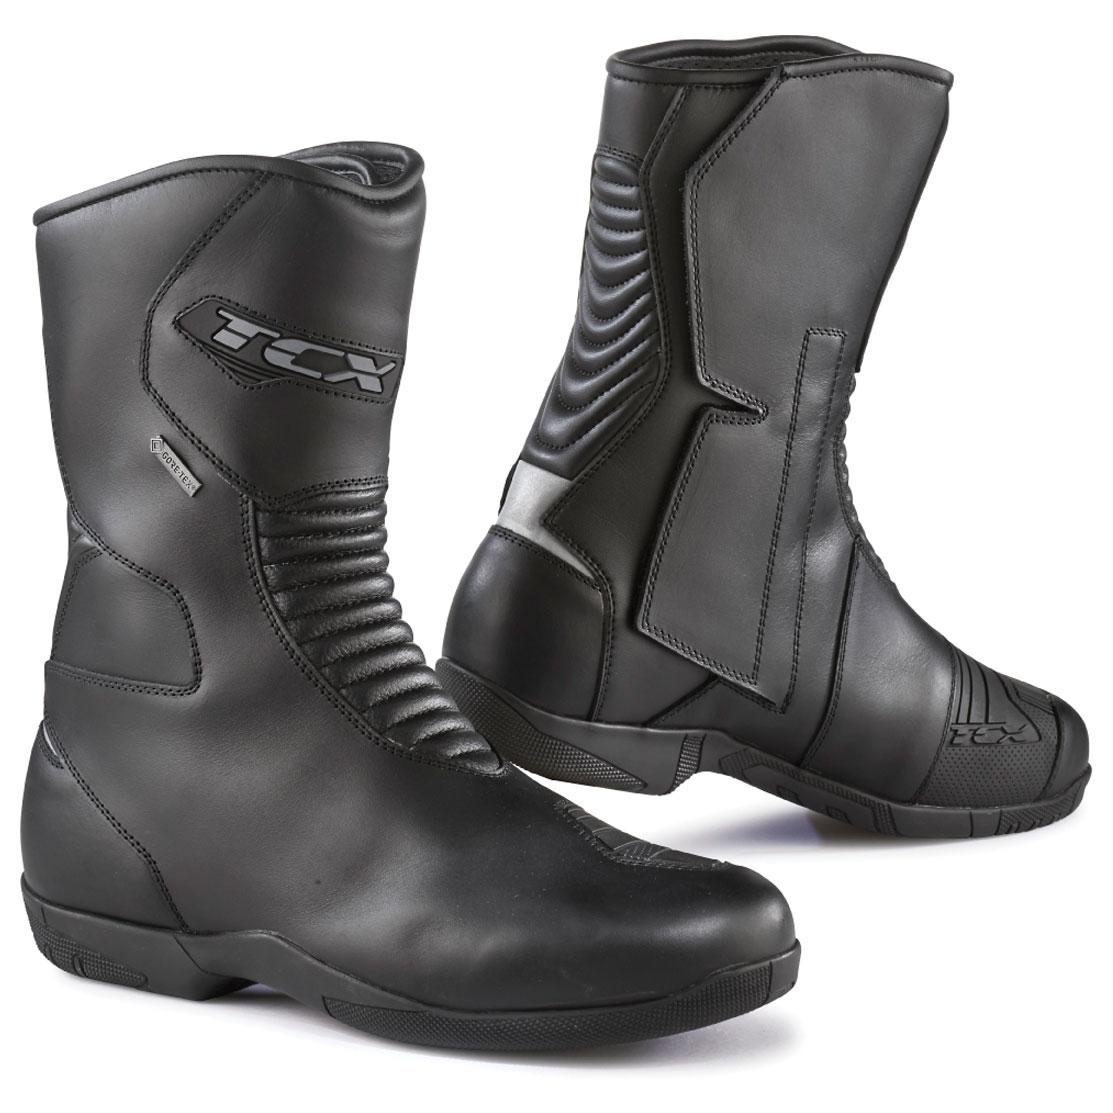 TCX Men's X-Five.4 Gore-Tex Black Boots